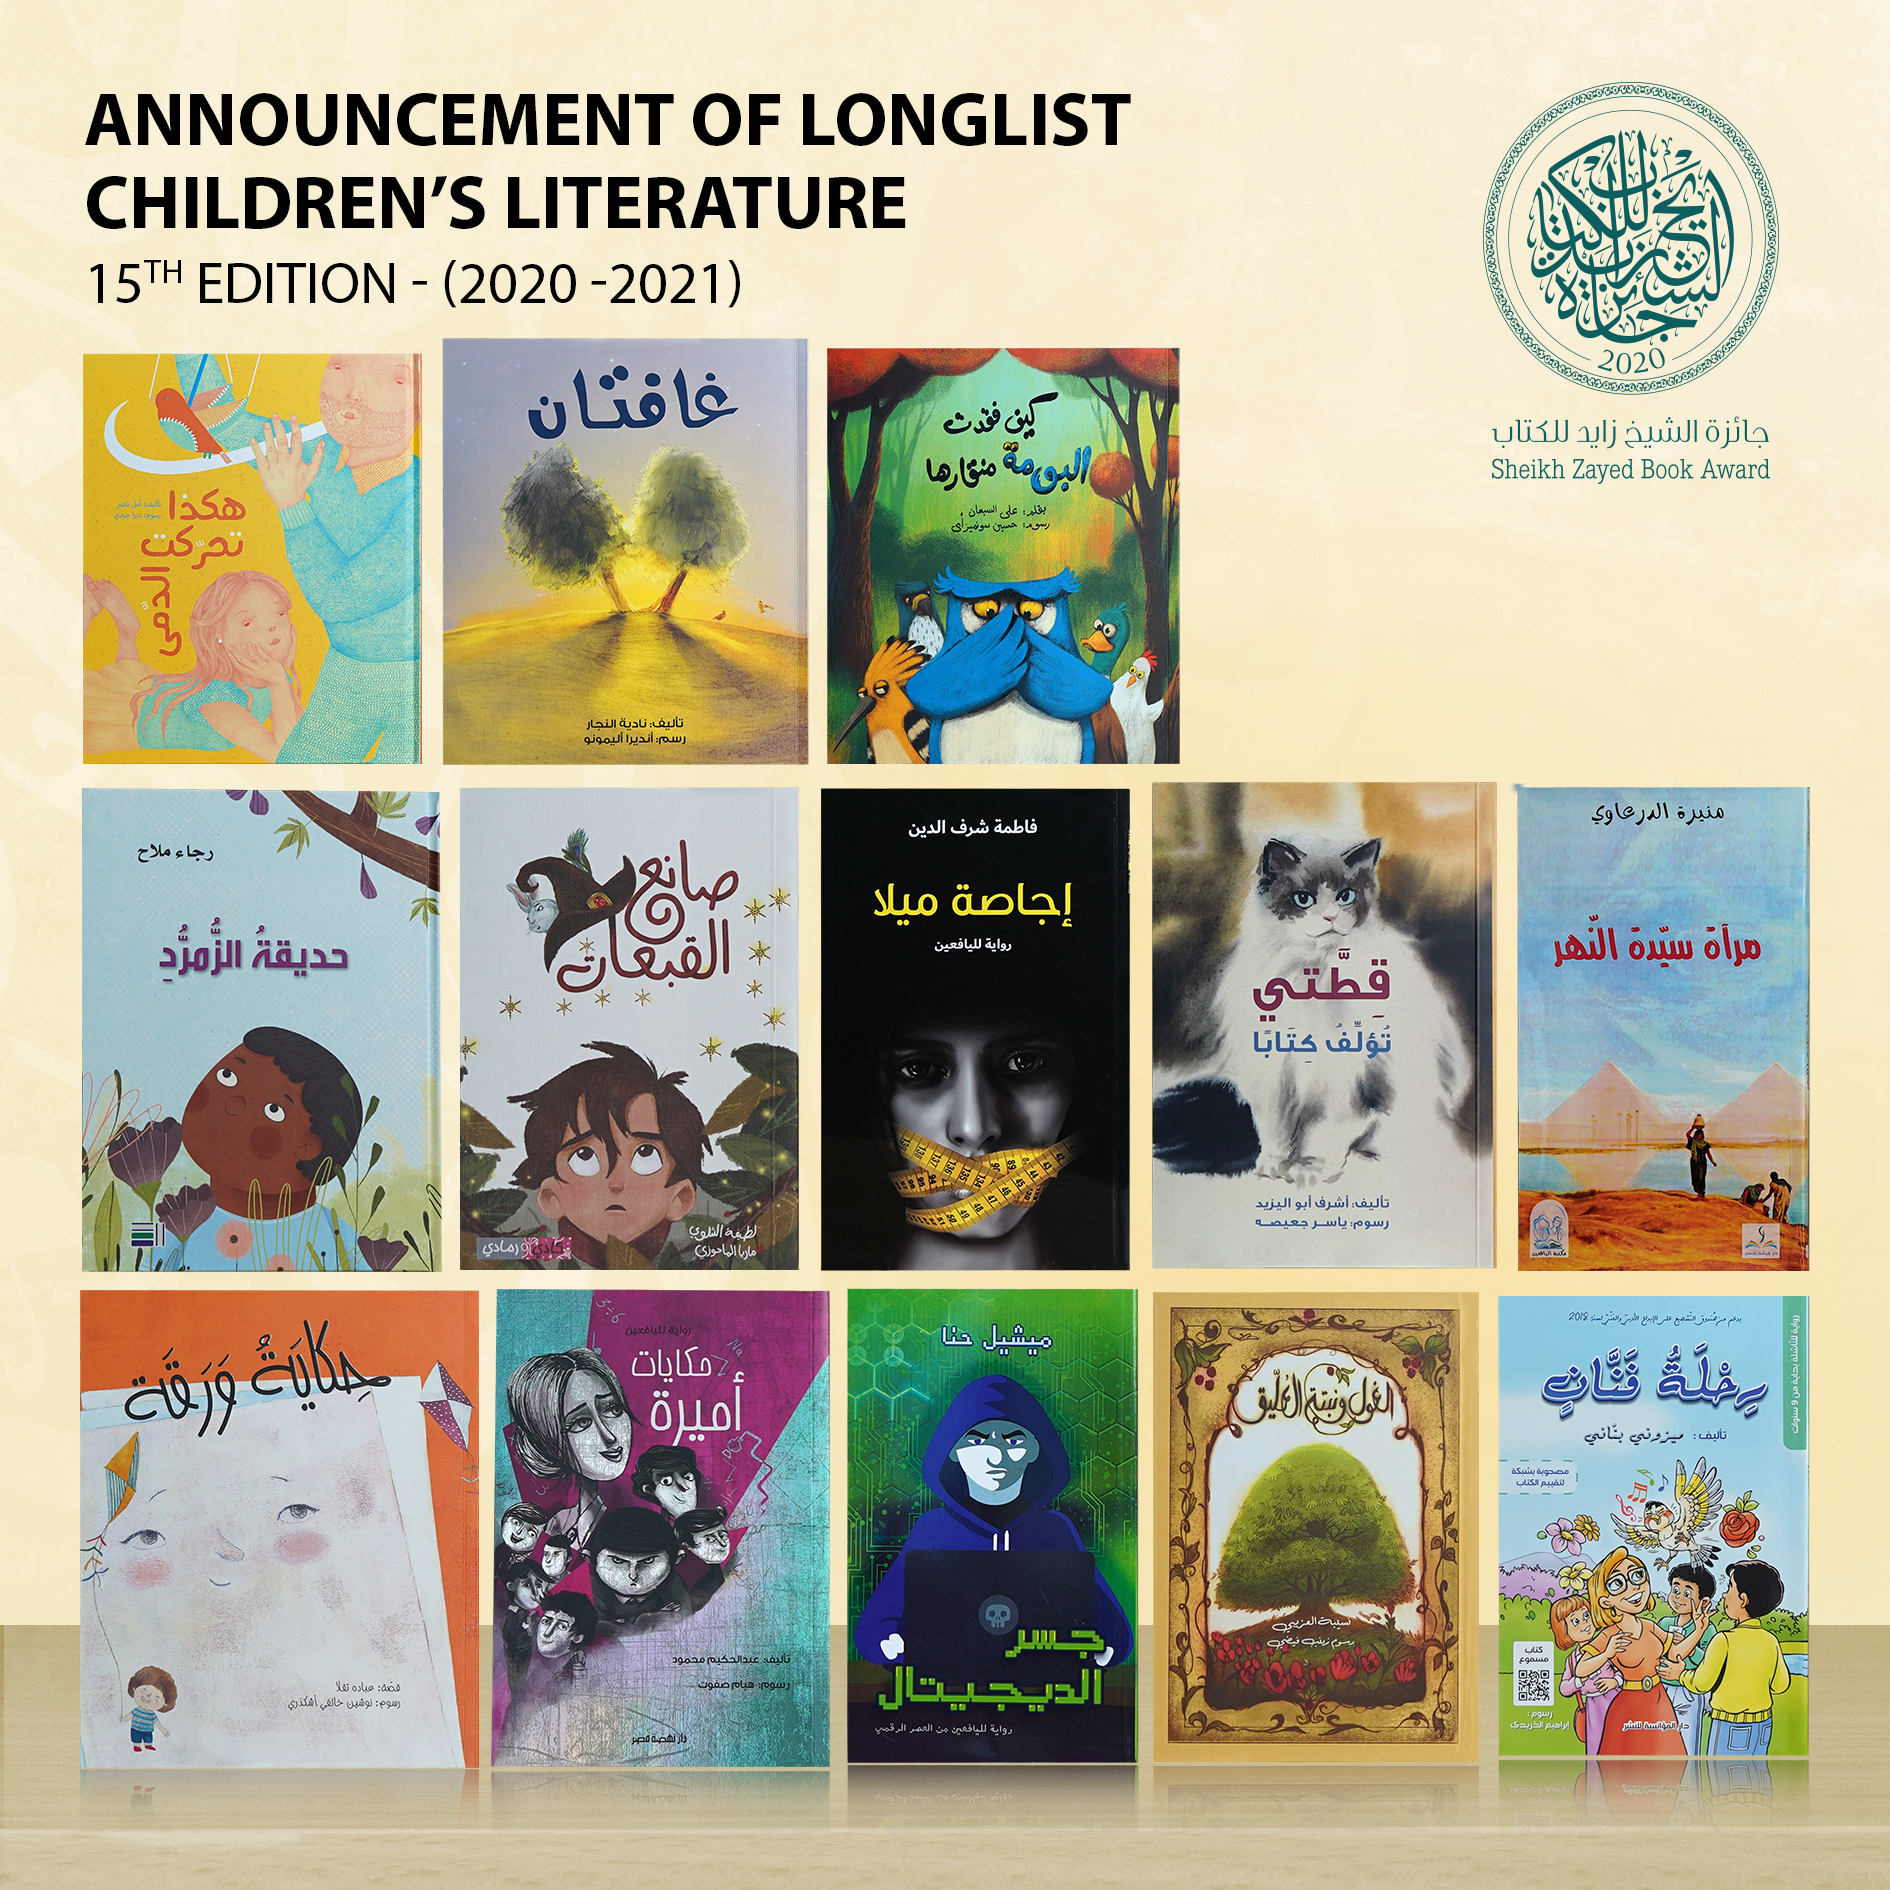 القائمة الطويلة للأعمال المرشحة في فرعي المؤلف الشاب وأدب الأطفال والناشئة